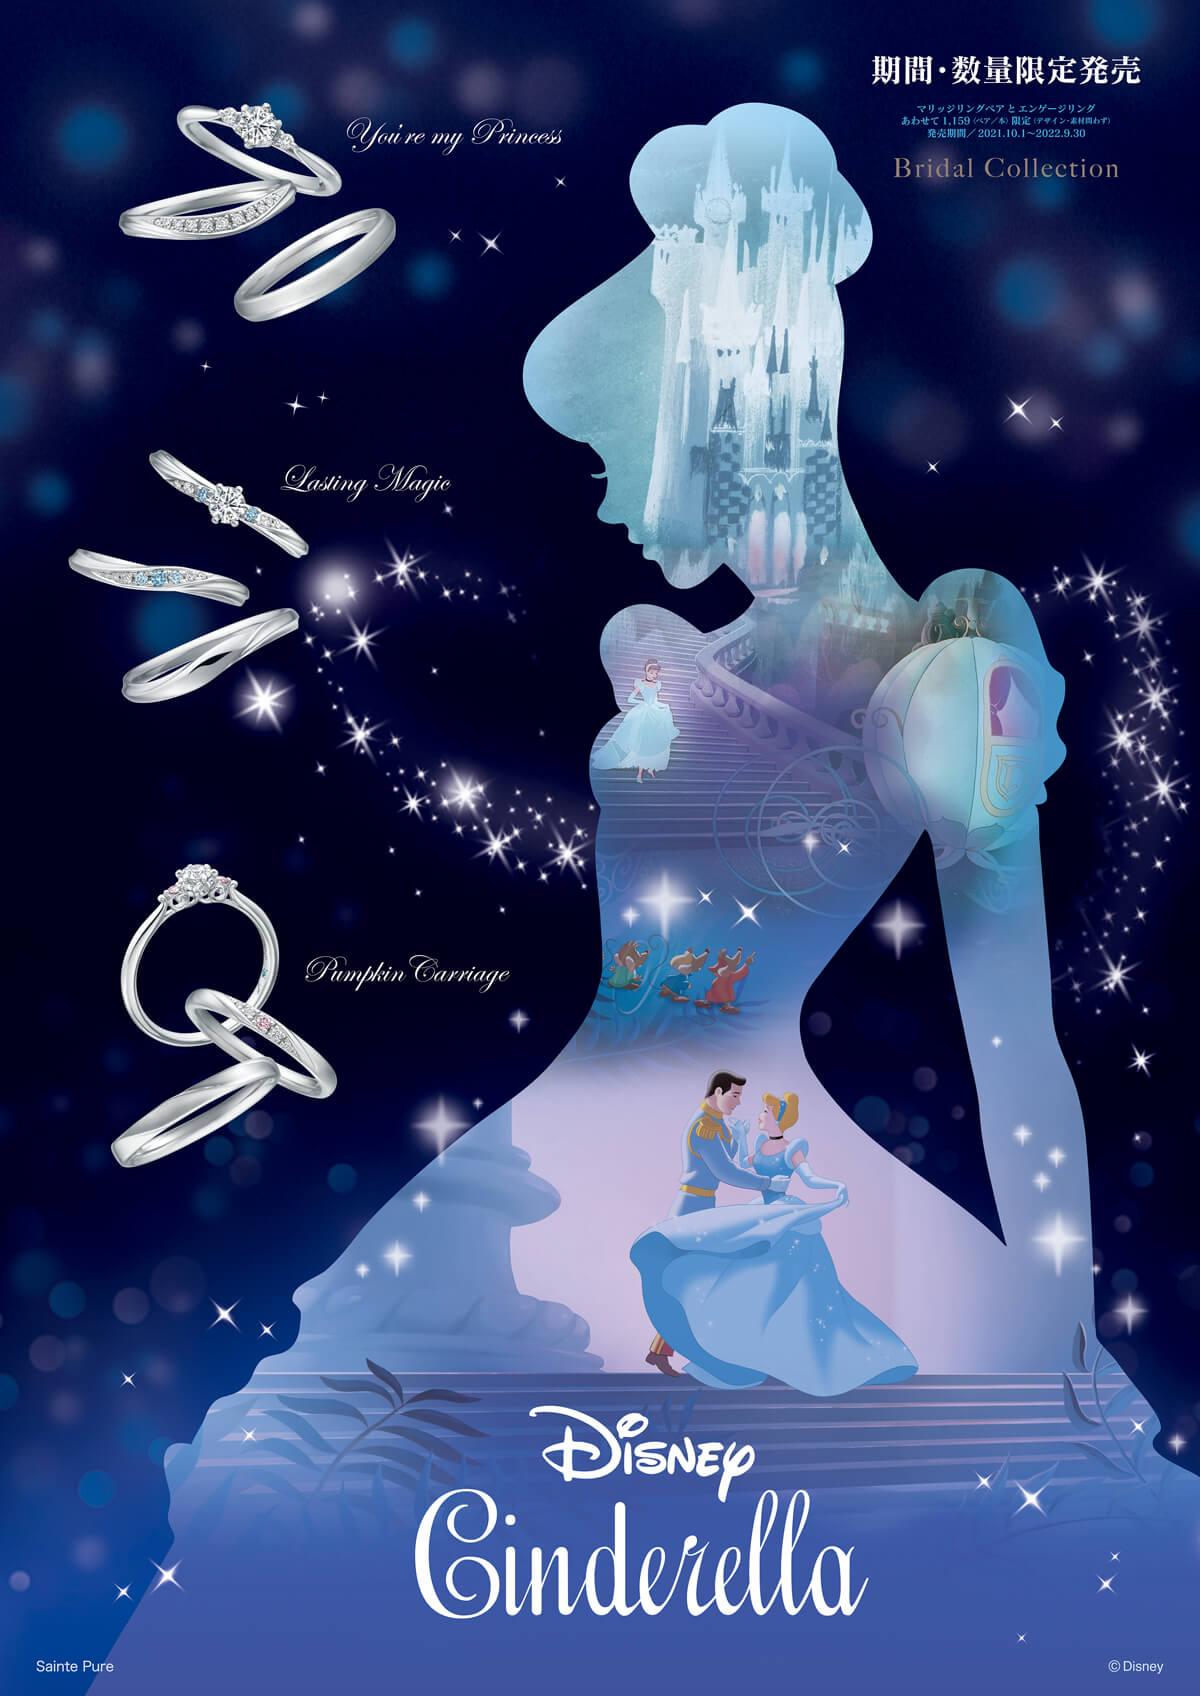 Disneyシンデレラ2022の婚約指輪エンゲージリングと結婚指輪マリッジリング